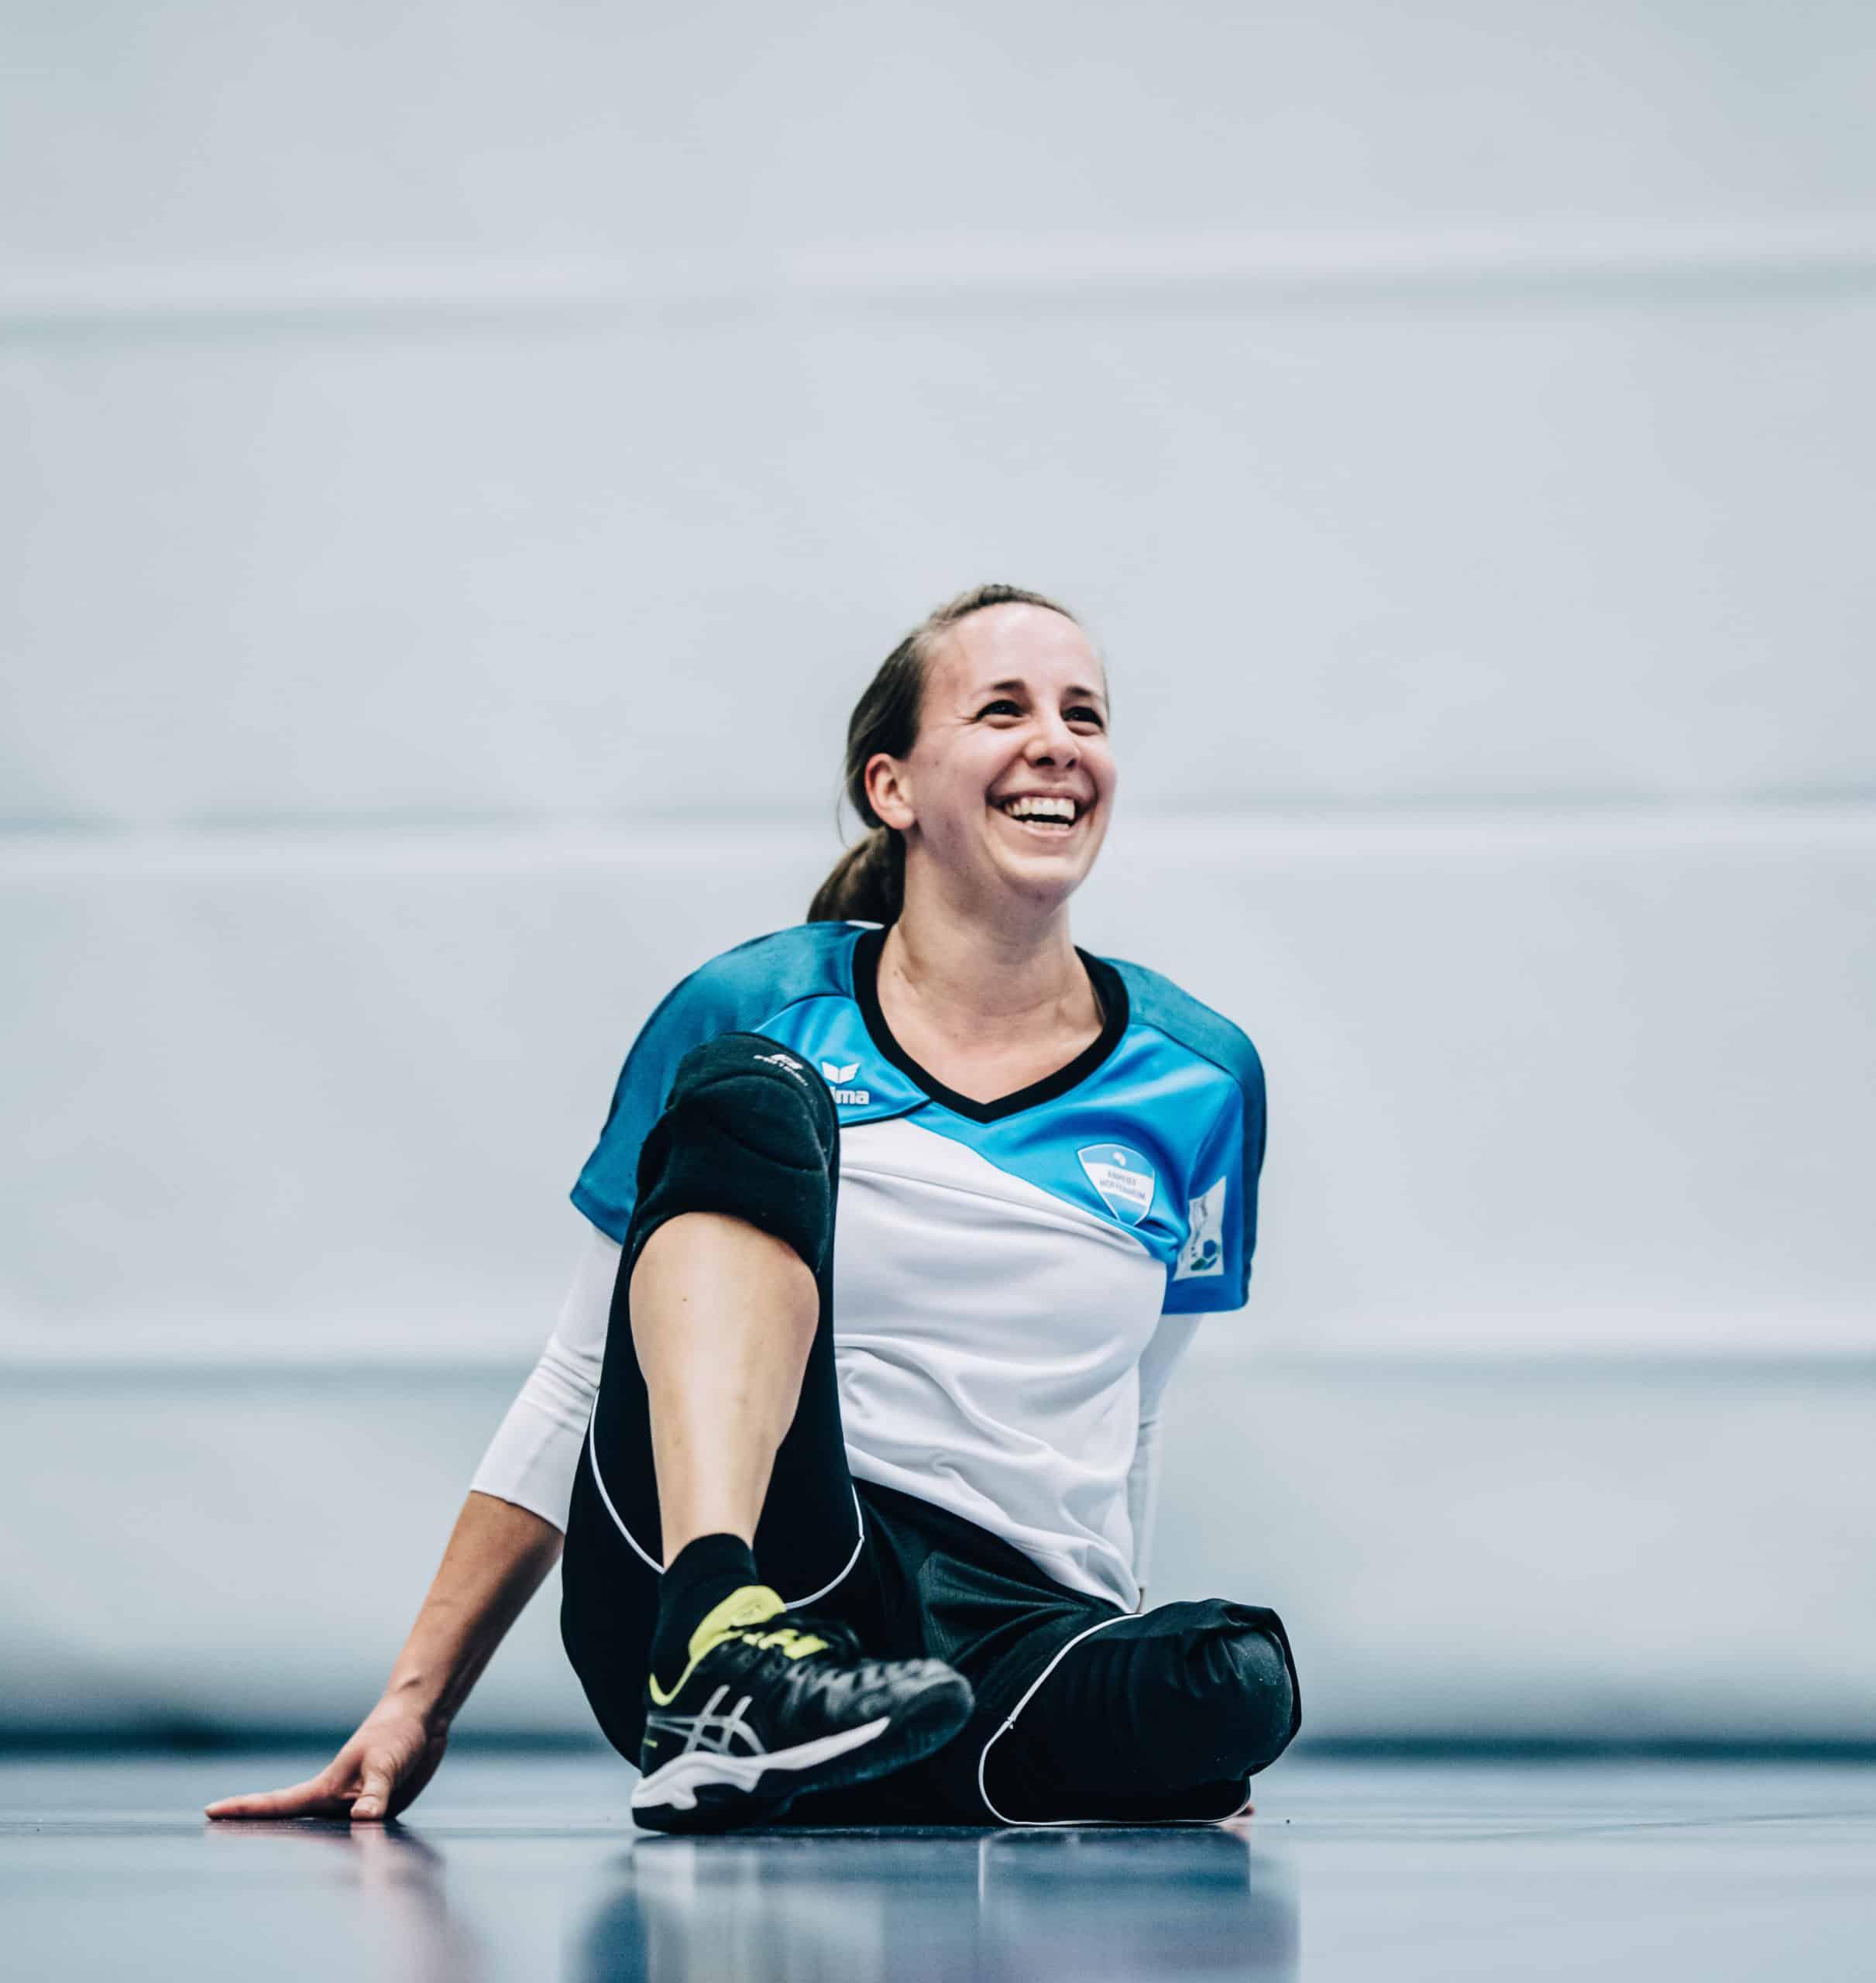 Salome sitzt auf einem Turnhallenboden während eines Volleyballspiels.